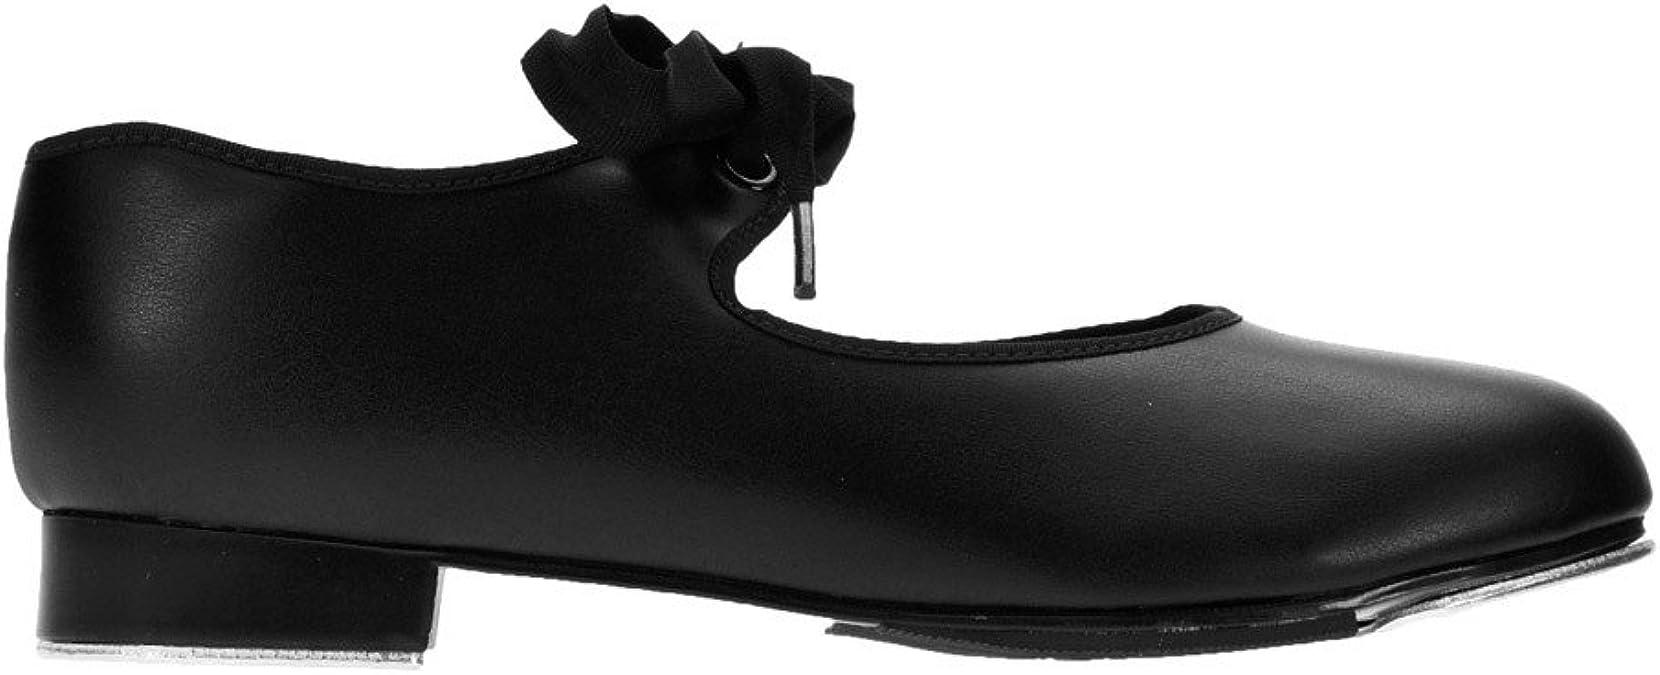 Capezio Brogue Tape Shoe Black